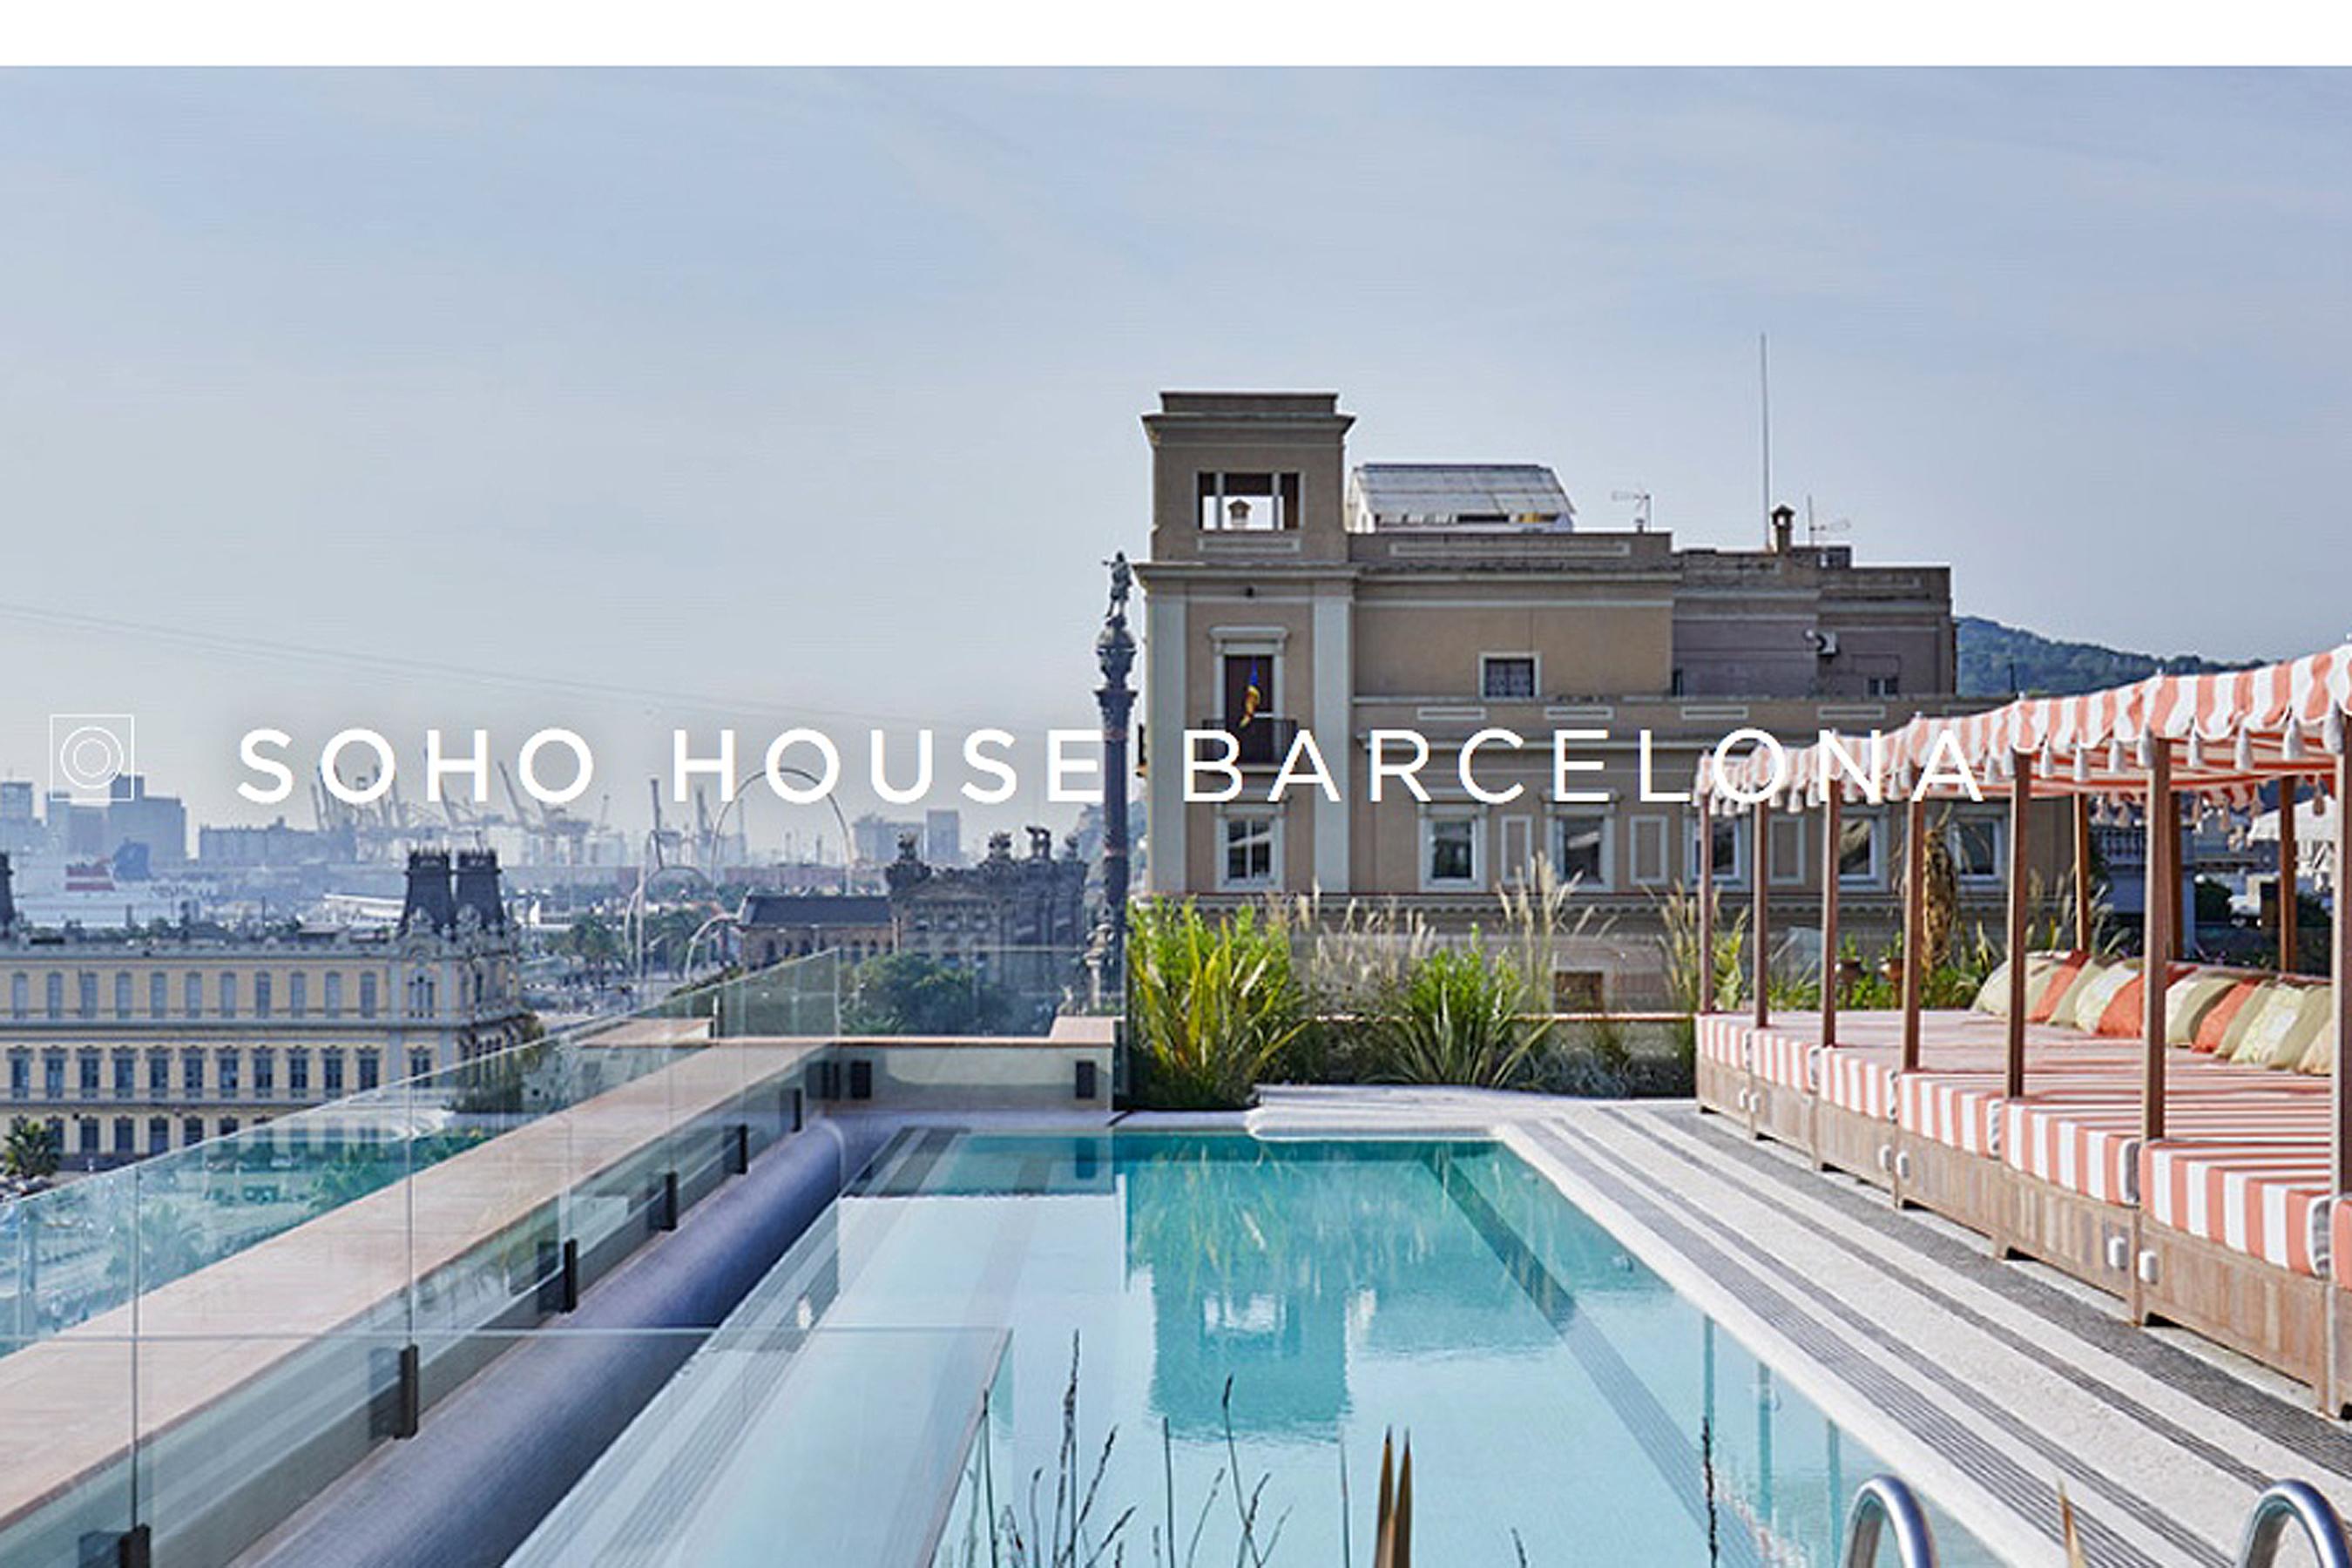 Soho House Barcelona - Get Ink Pr